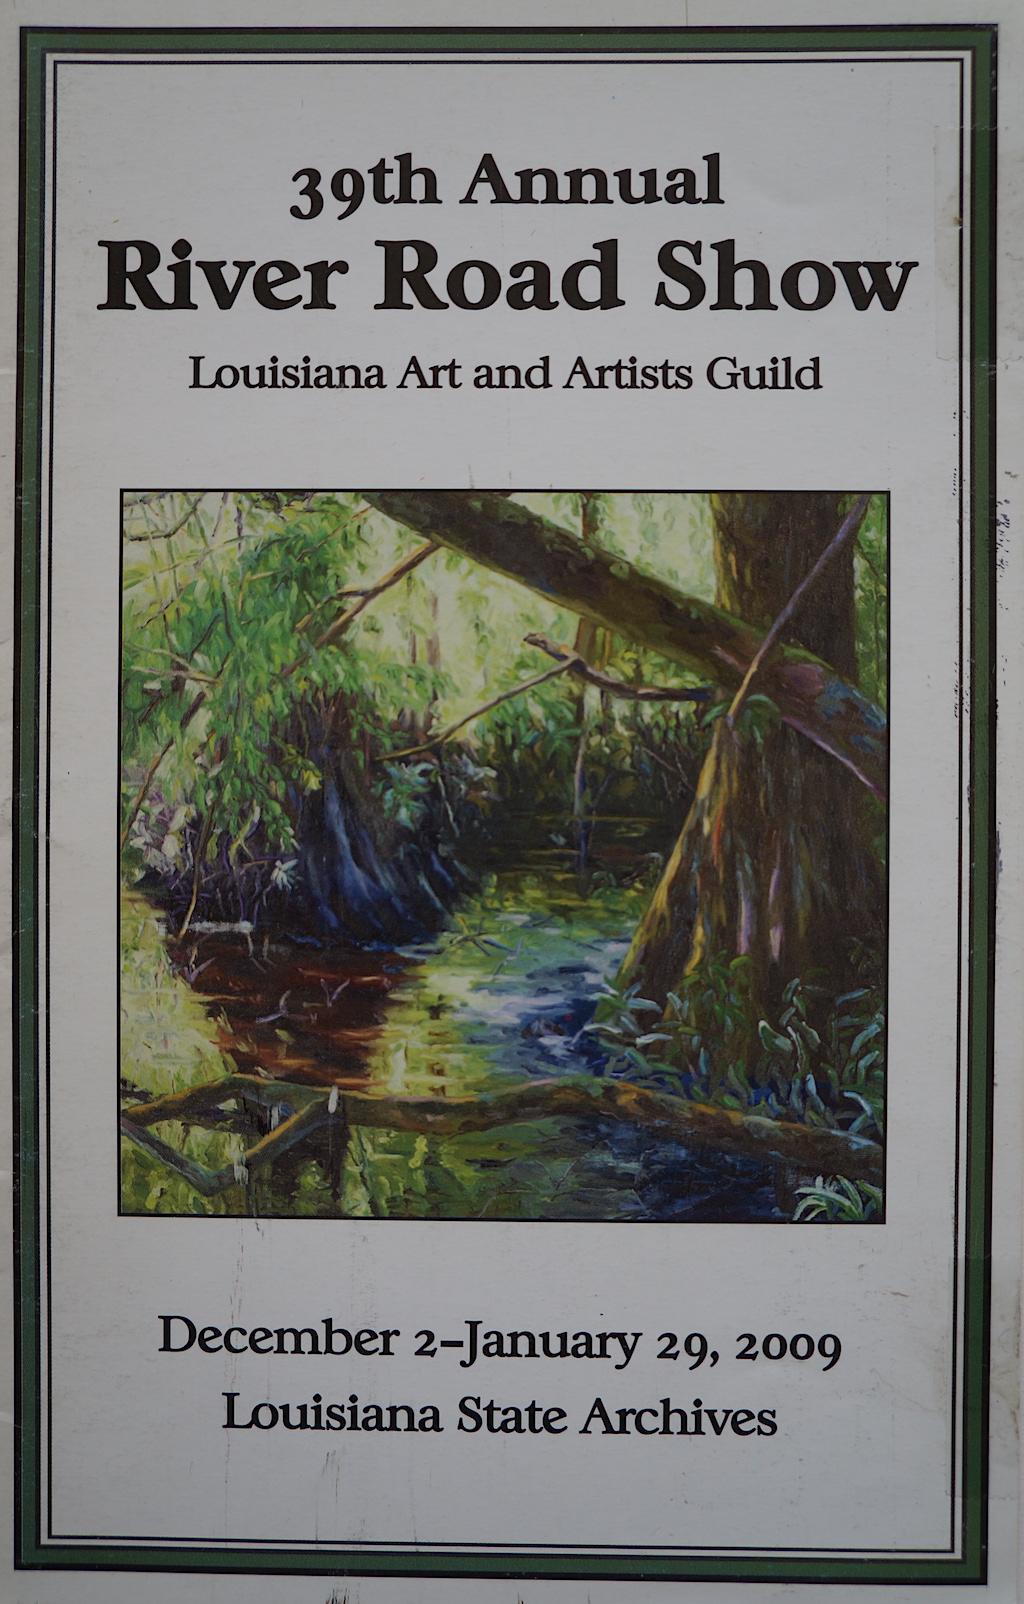 Louisiana 39th